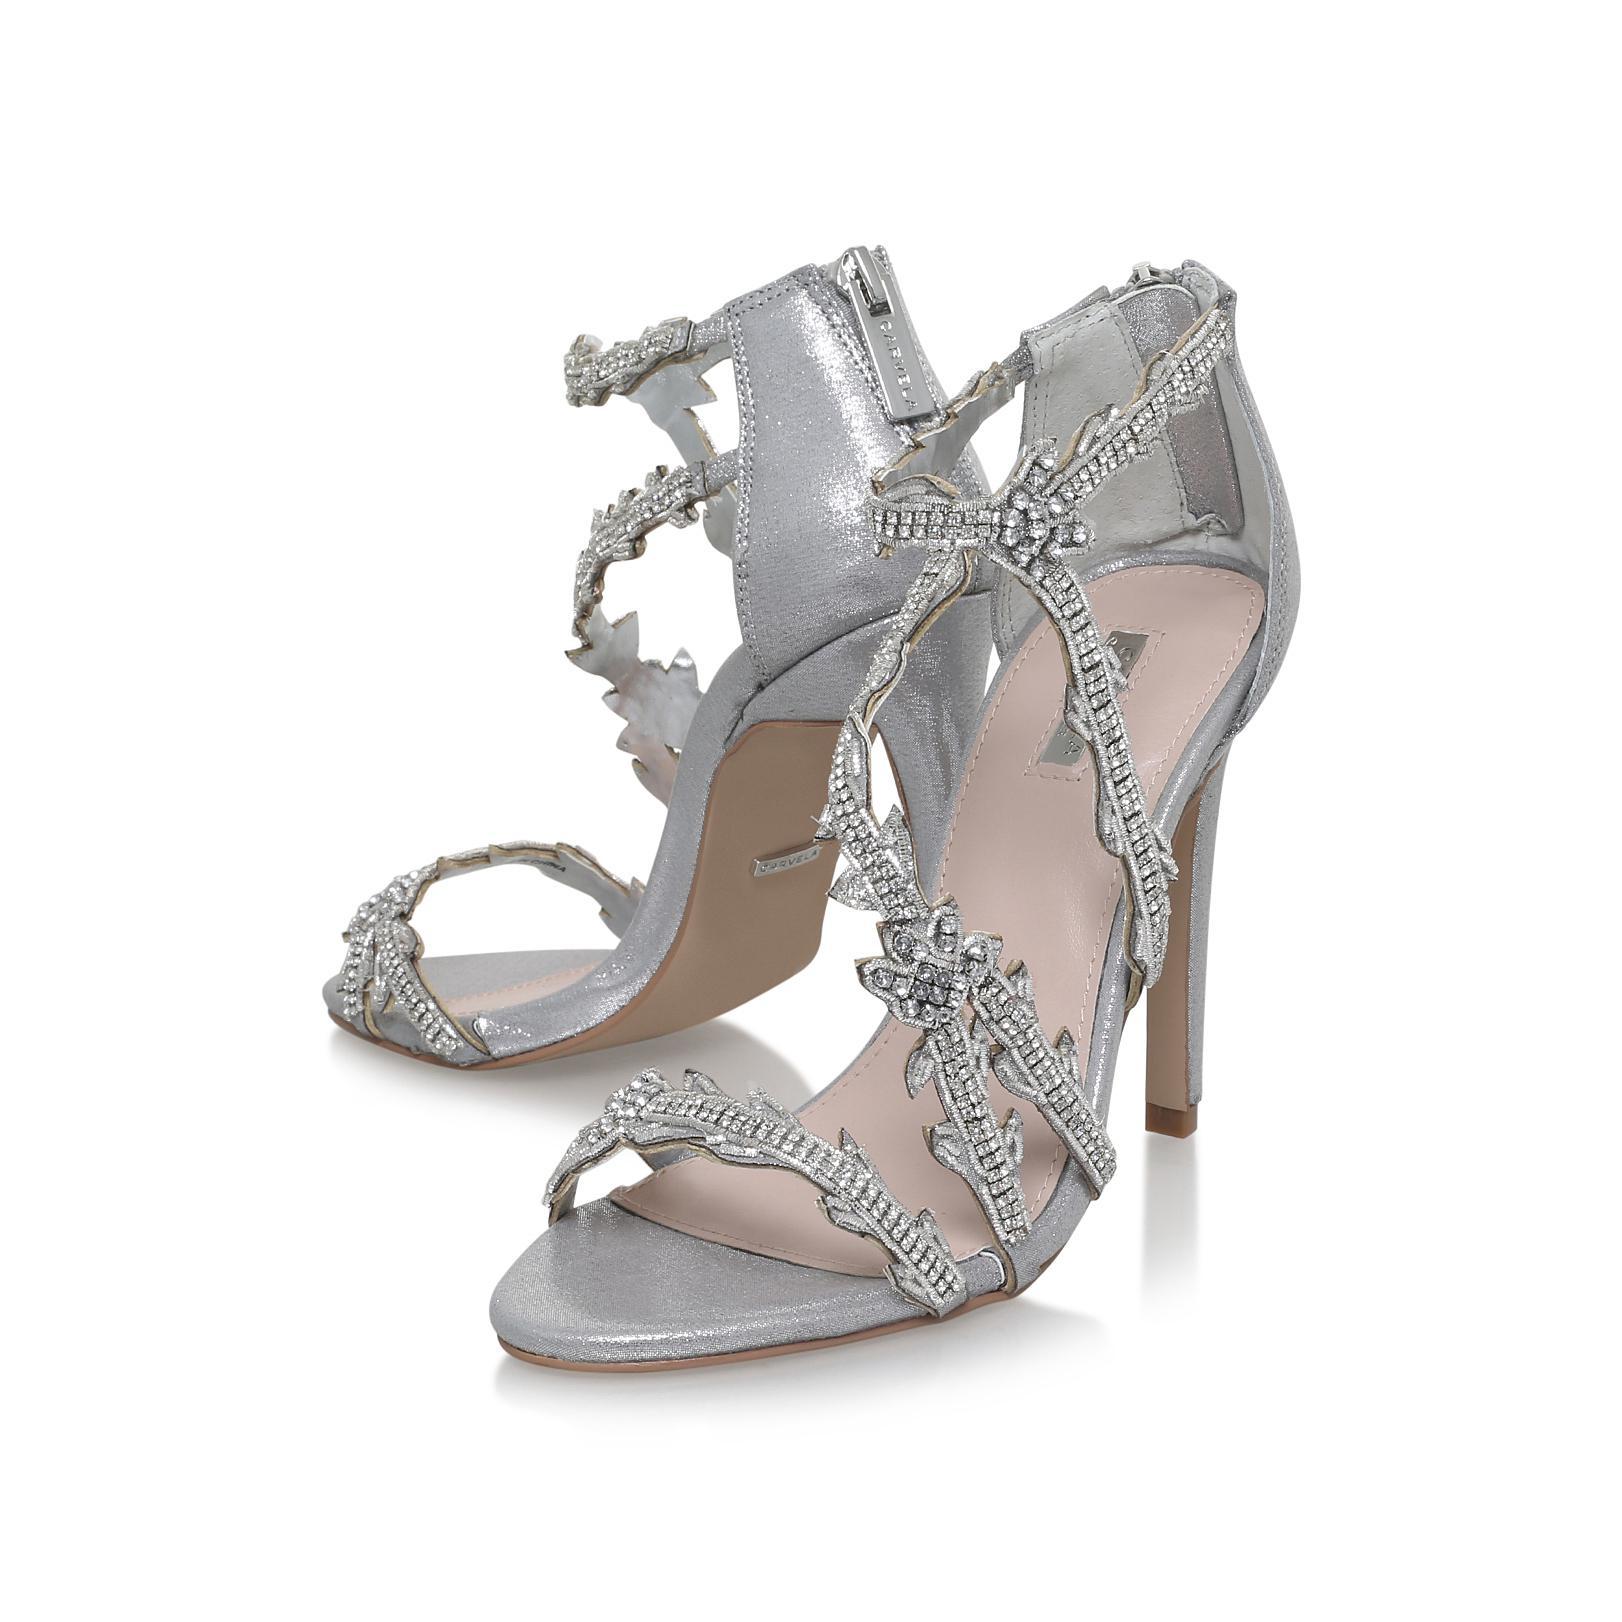 364105c2e51 Carvela Kurt Geiger Goa Heels in Metallic - Lyst